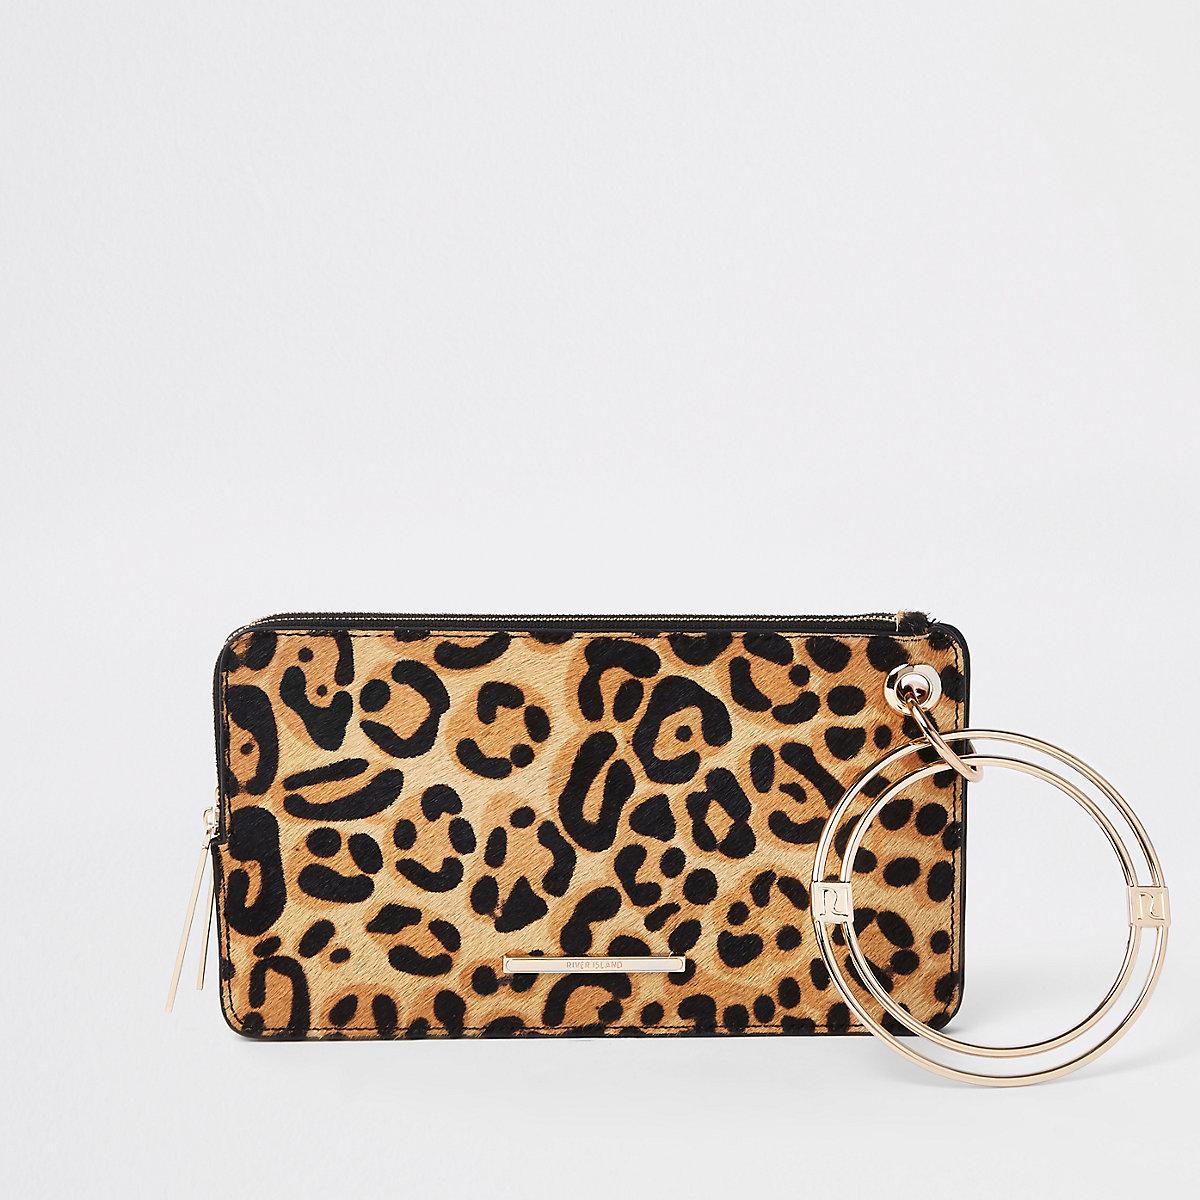 Black leather leopard print wristlet pouch